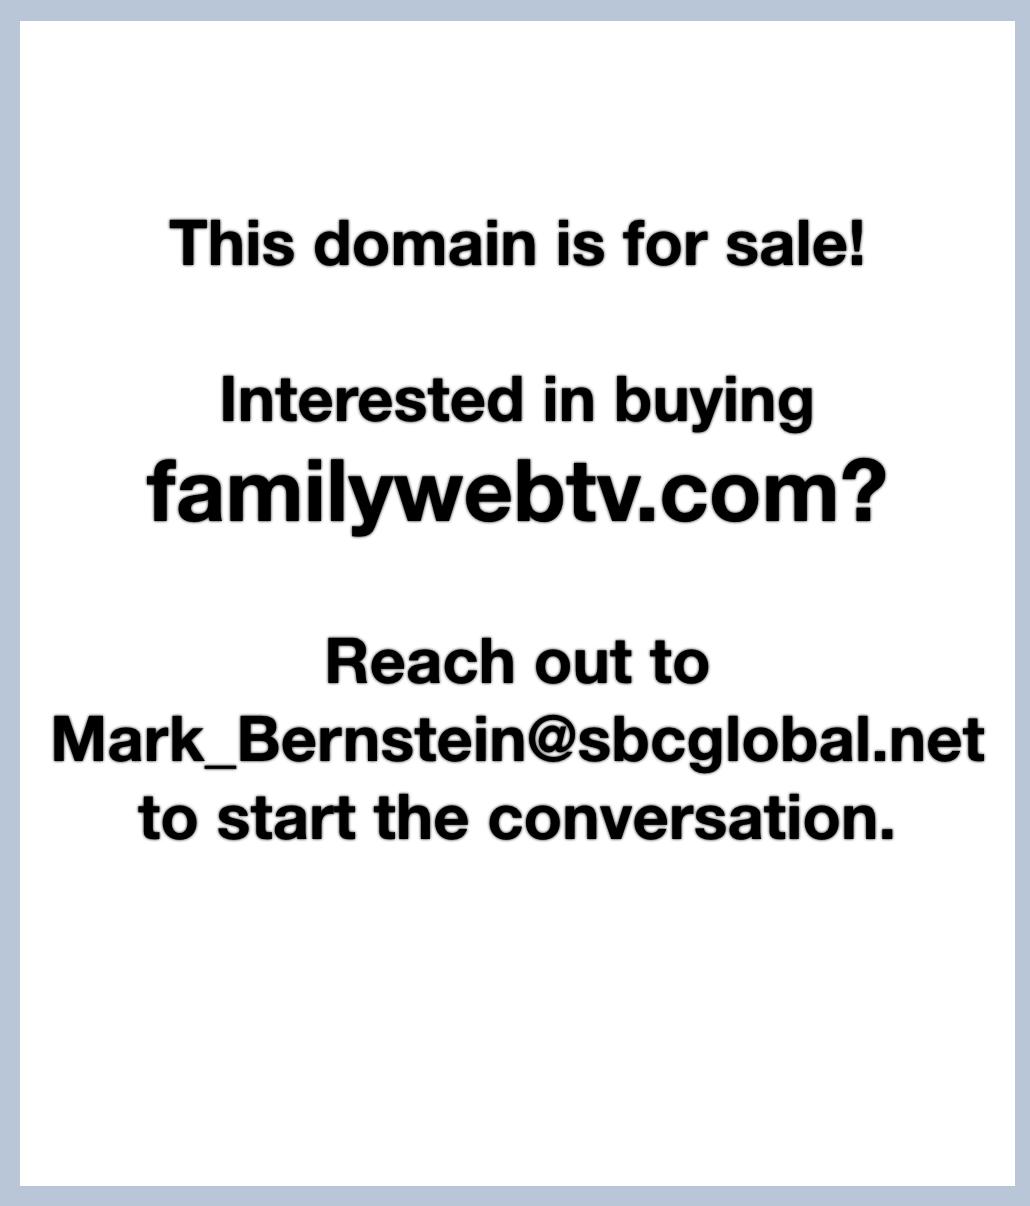 FamilyWebTV is for sale!